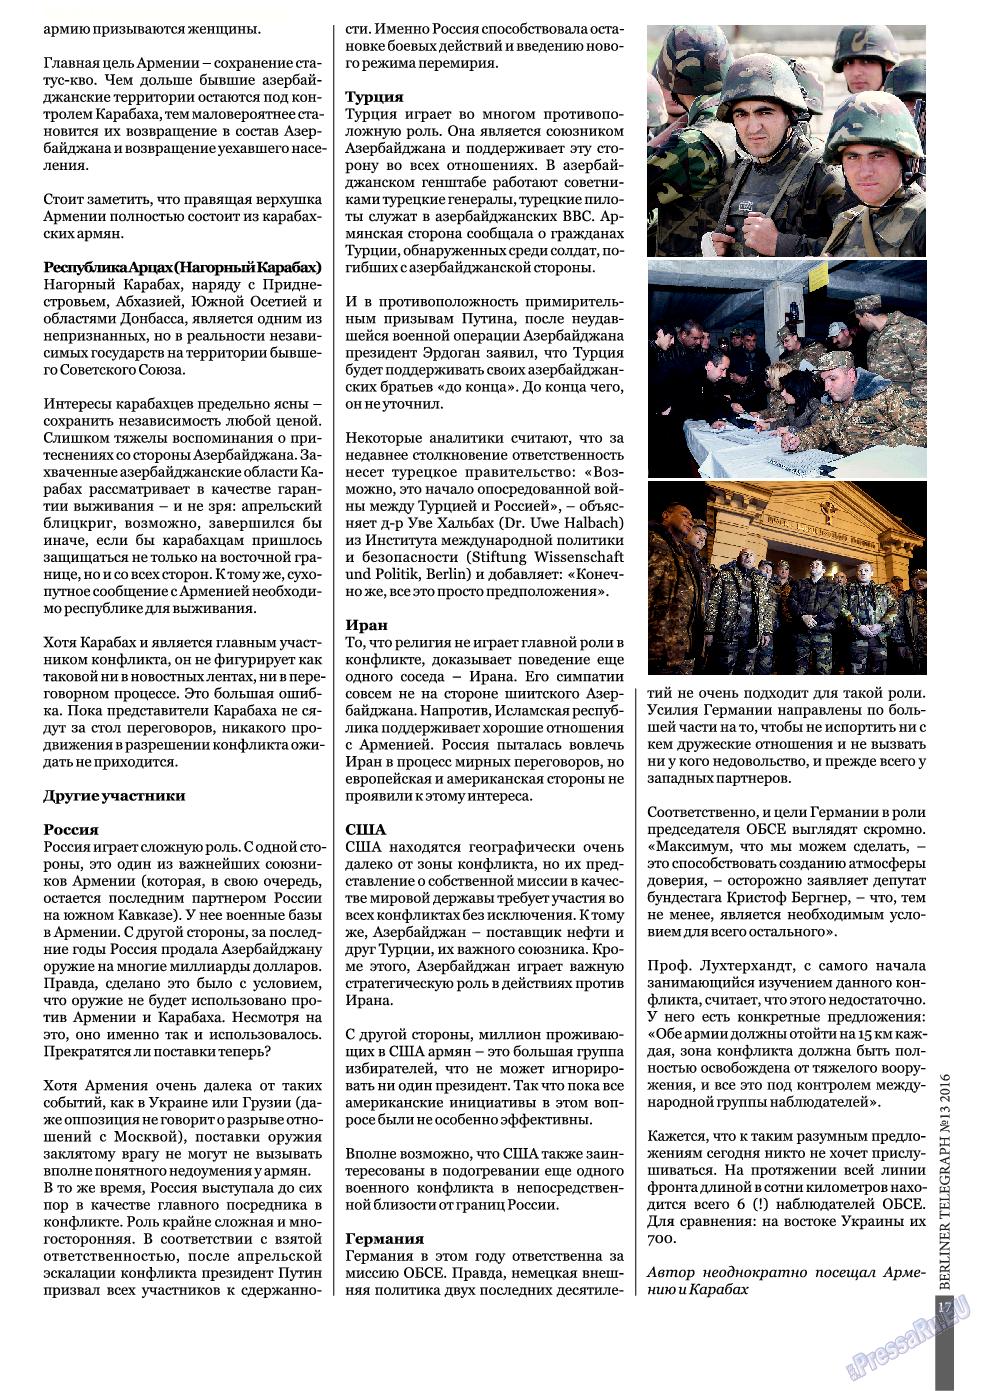 Берлинский телеграф (журнал). 2016 год, номер 13, стр. 17